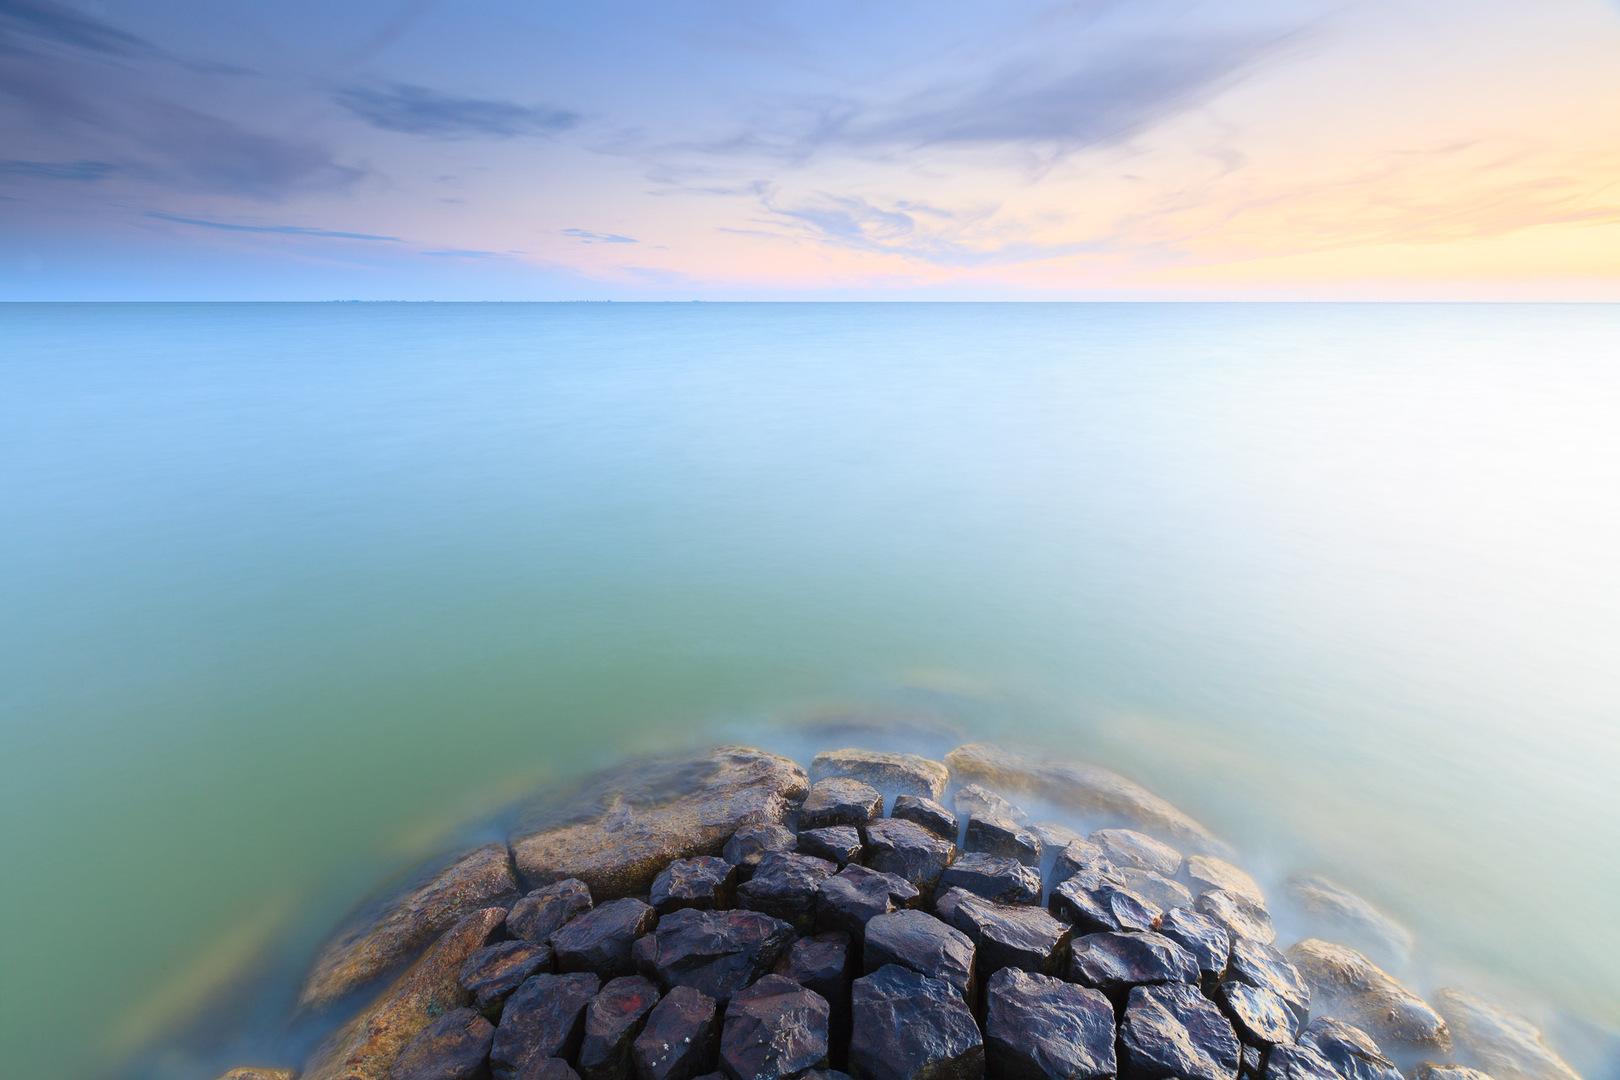 Foto apparatuur voor landschapsfotografie - Zonsondergang boven het IJsselmeer bij Stavoren - Bas Meelker Landschapsfotografie